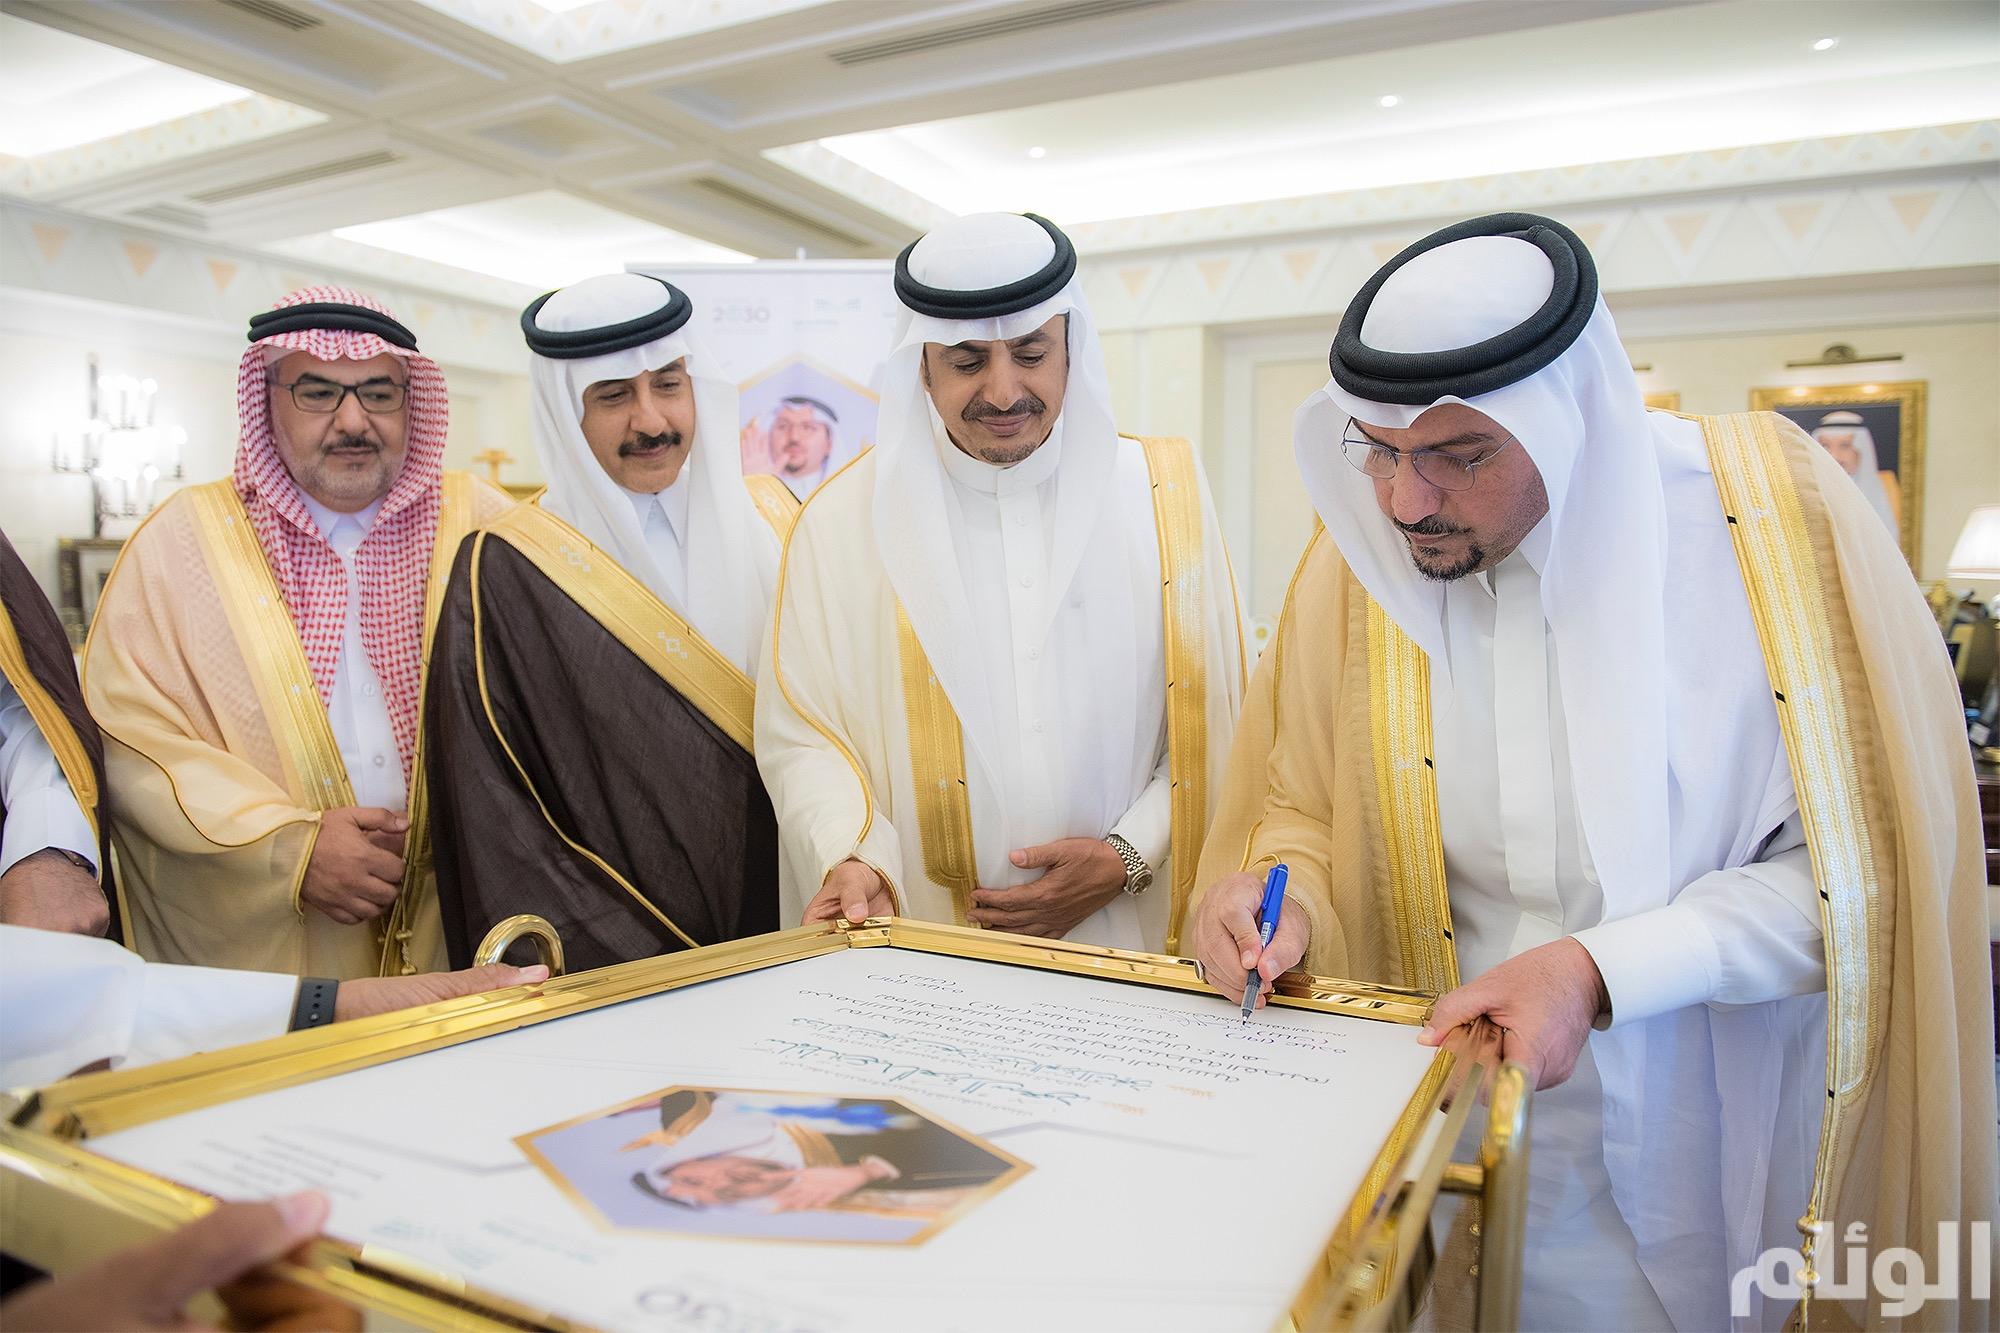 الأمير فيصل بن مشعل يدشن مشروع توفير 384 عيادة مدرسية بمدارس تعليم القصيم